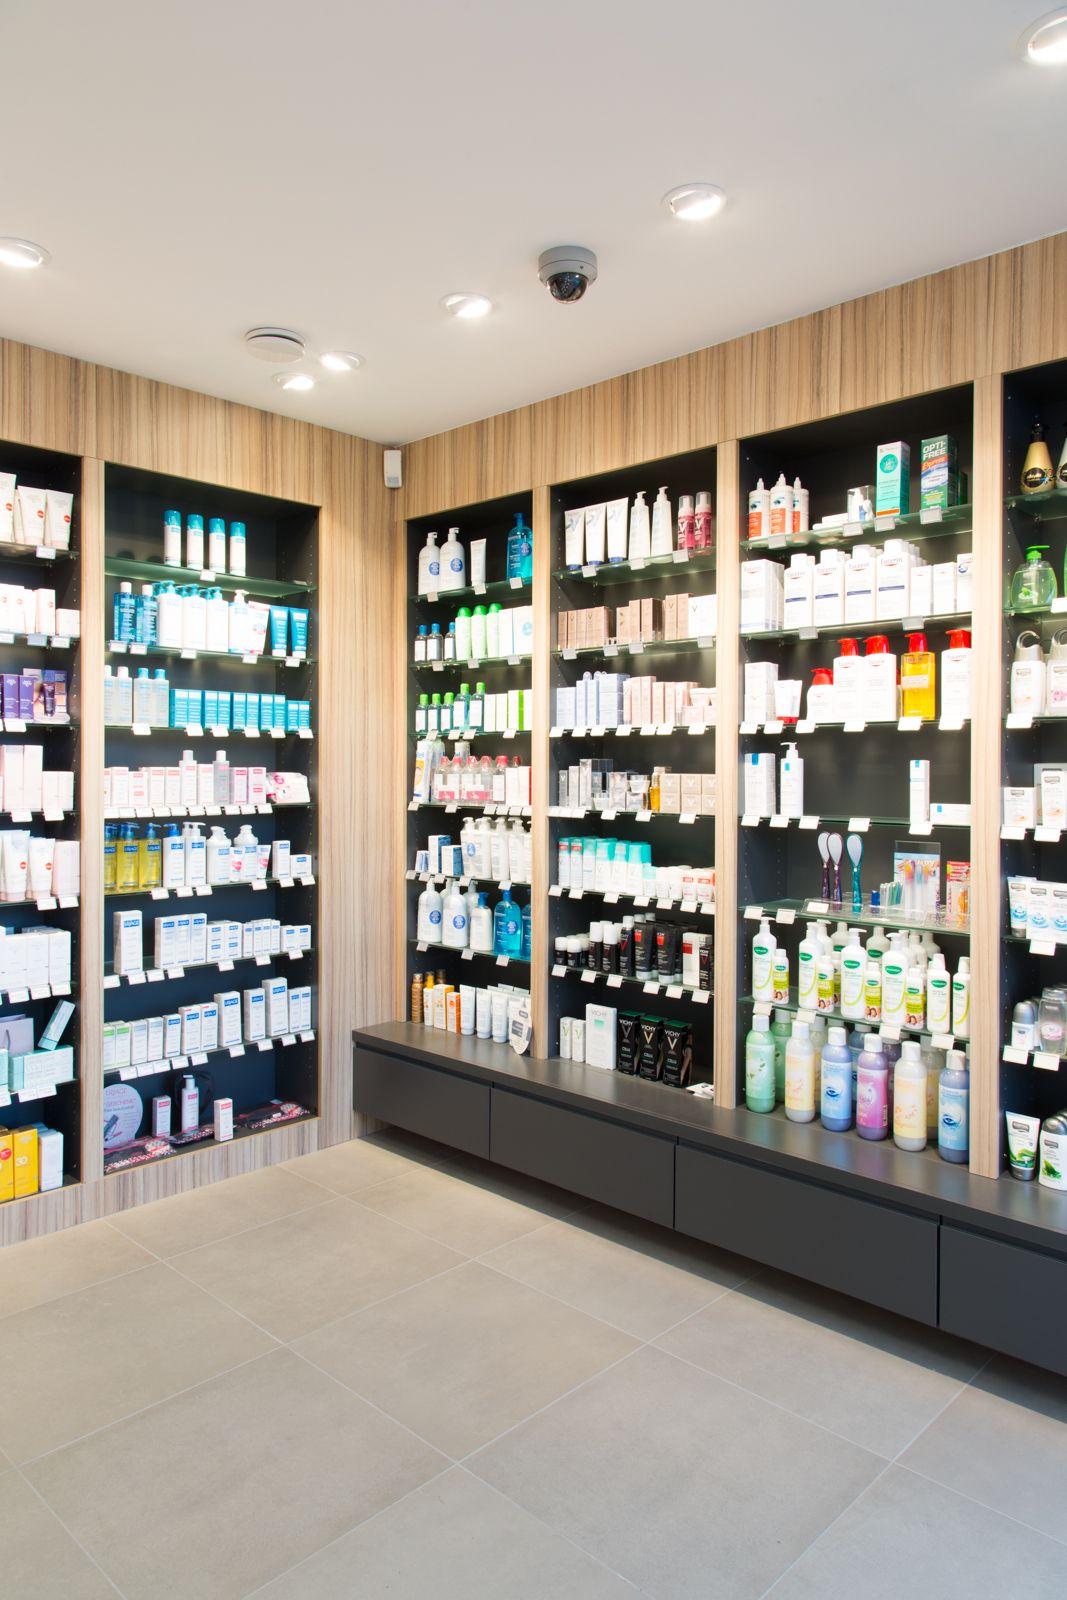 Apotheek pharmacy inrichting design schevenels projects interieurs arspharma maatwerk